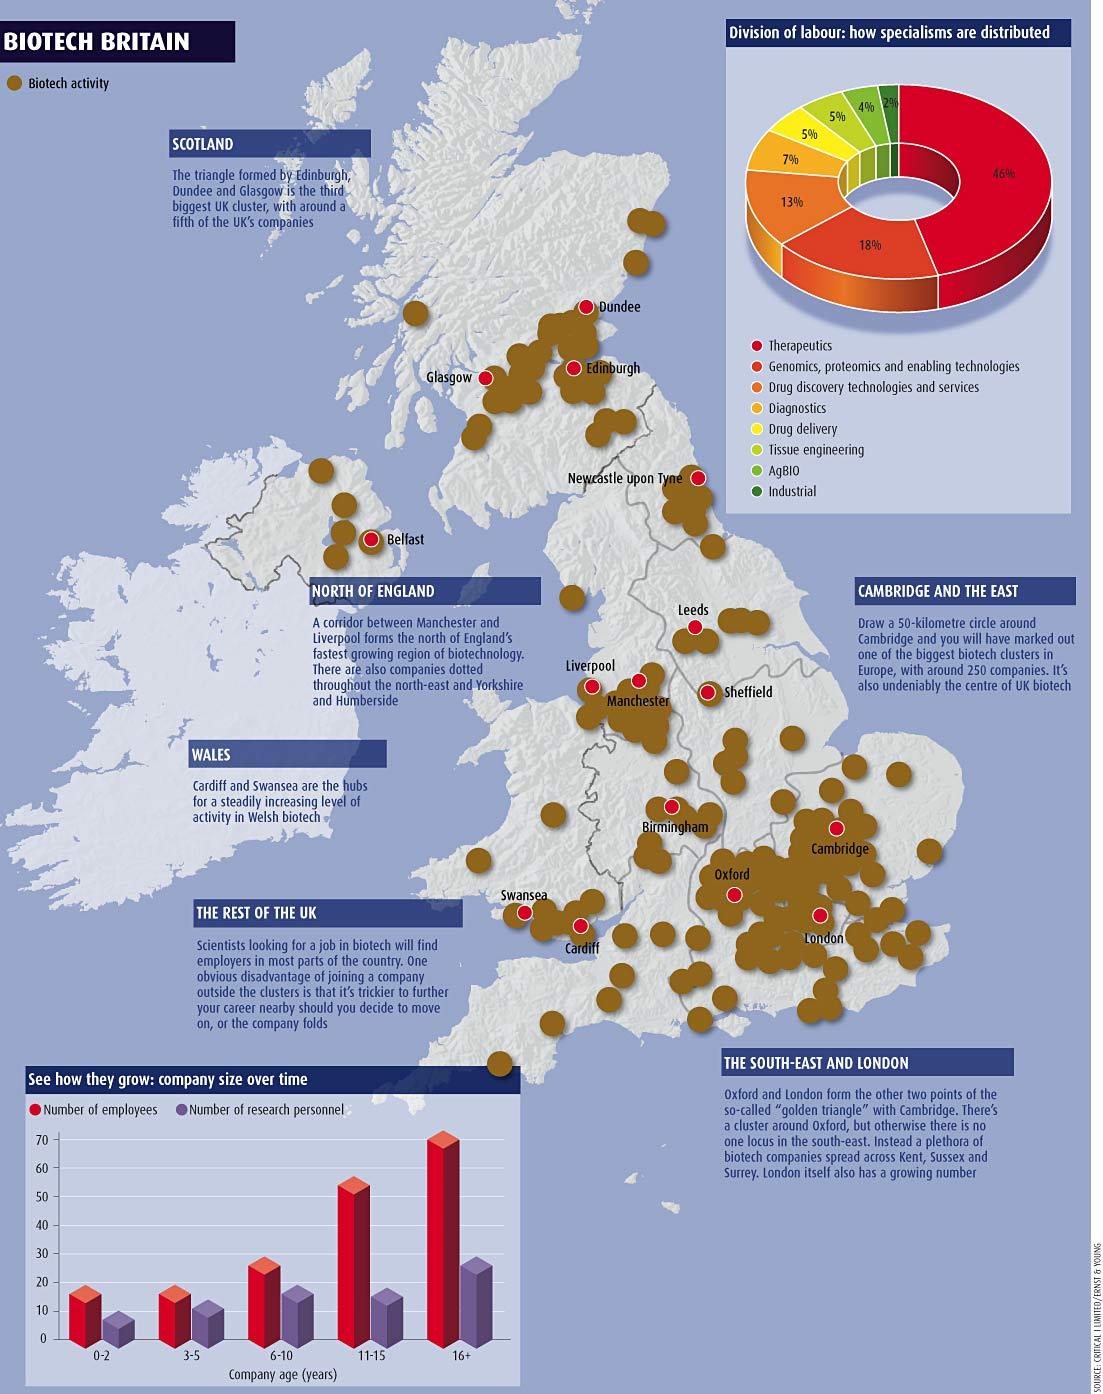 Biotech Britain